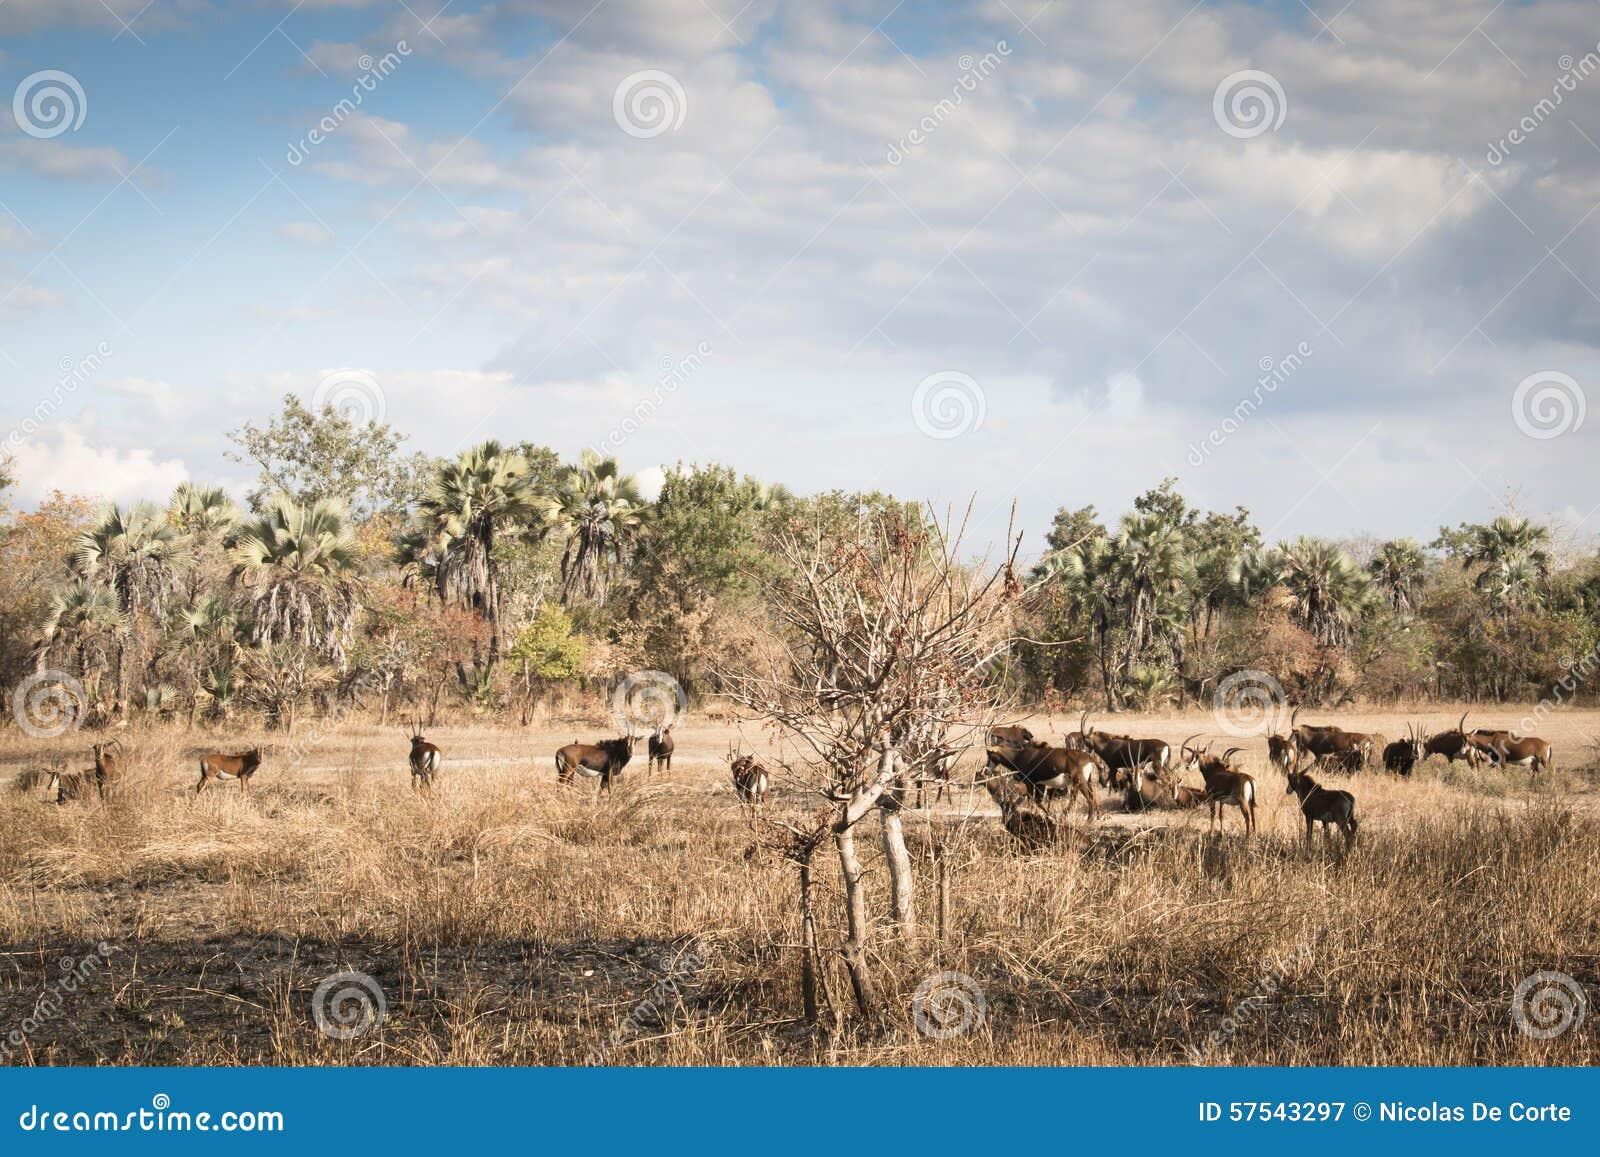 Savanna Food Production